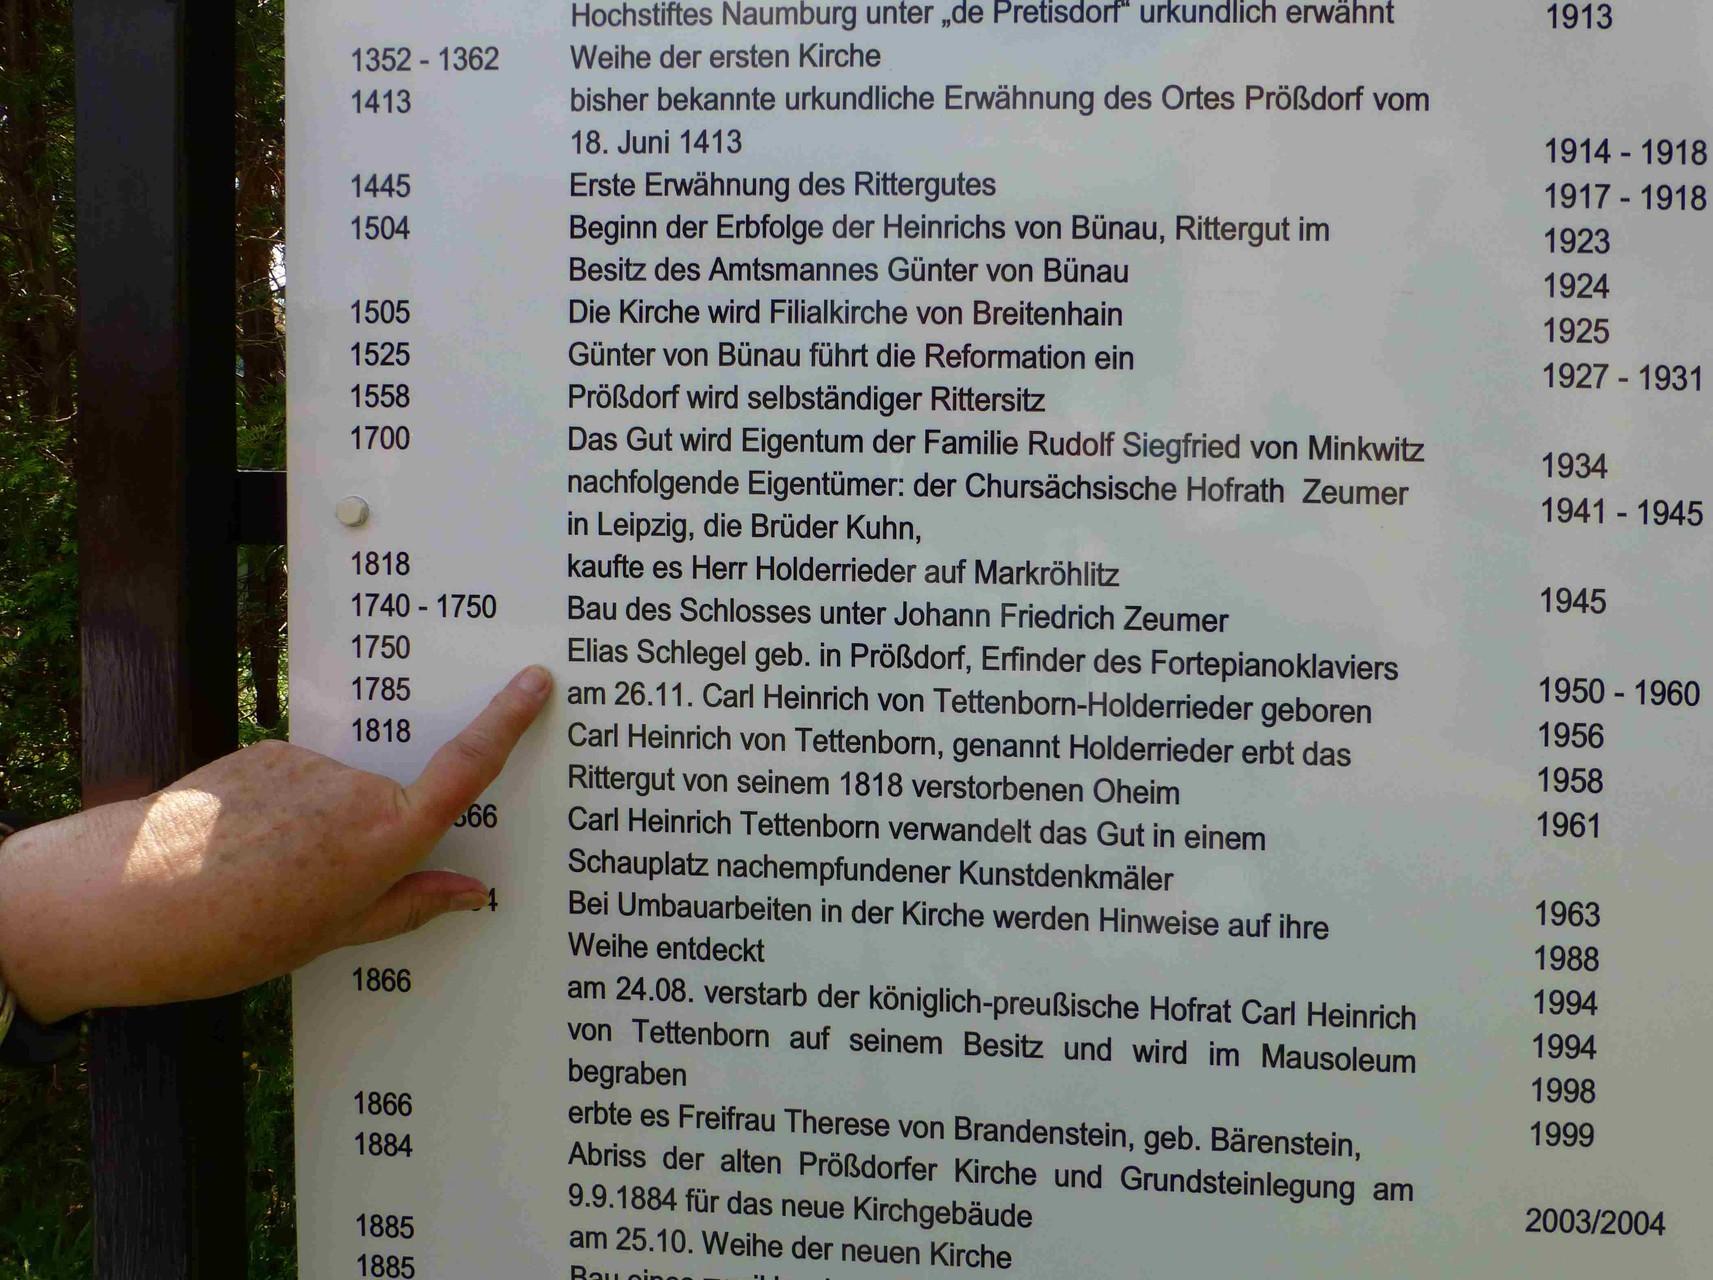 Prößdorf 600 Jahr-Feier 2013; Elias Schlegel Ehrung